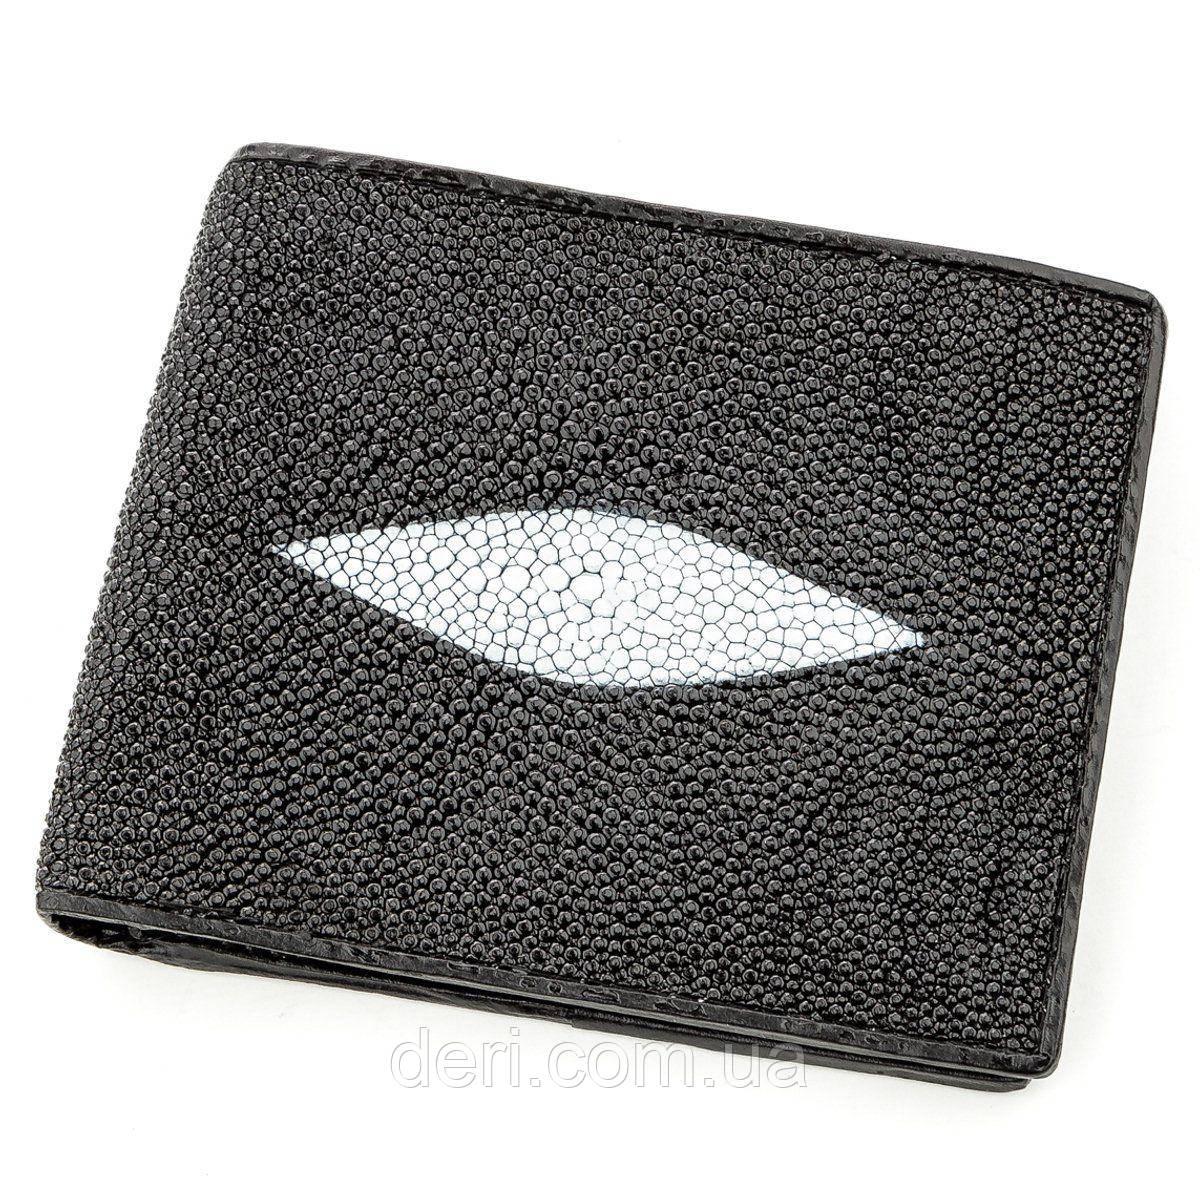 Бумажник мужской STINGRAY LEATHER из натуральной кожи морского ската Черный, Черный